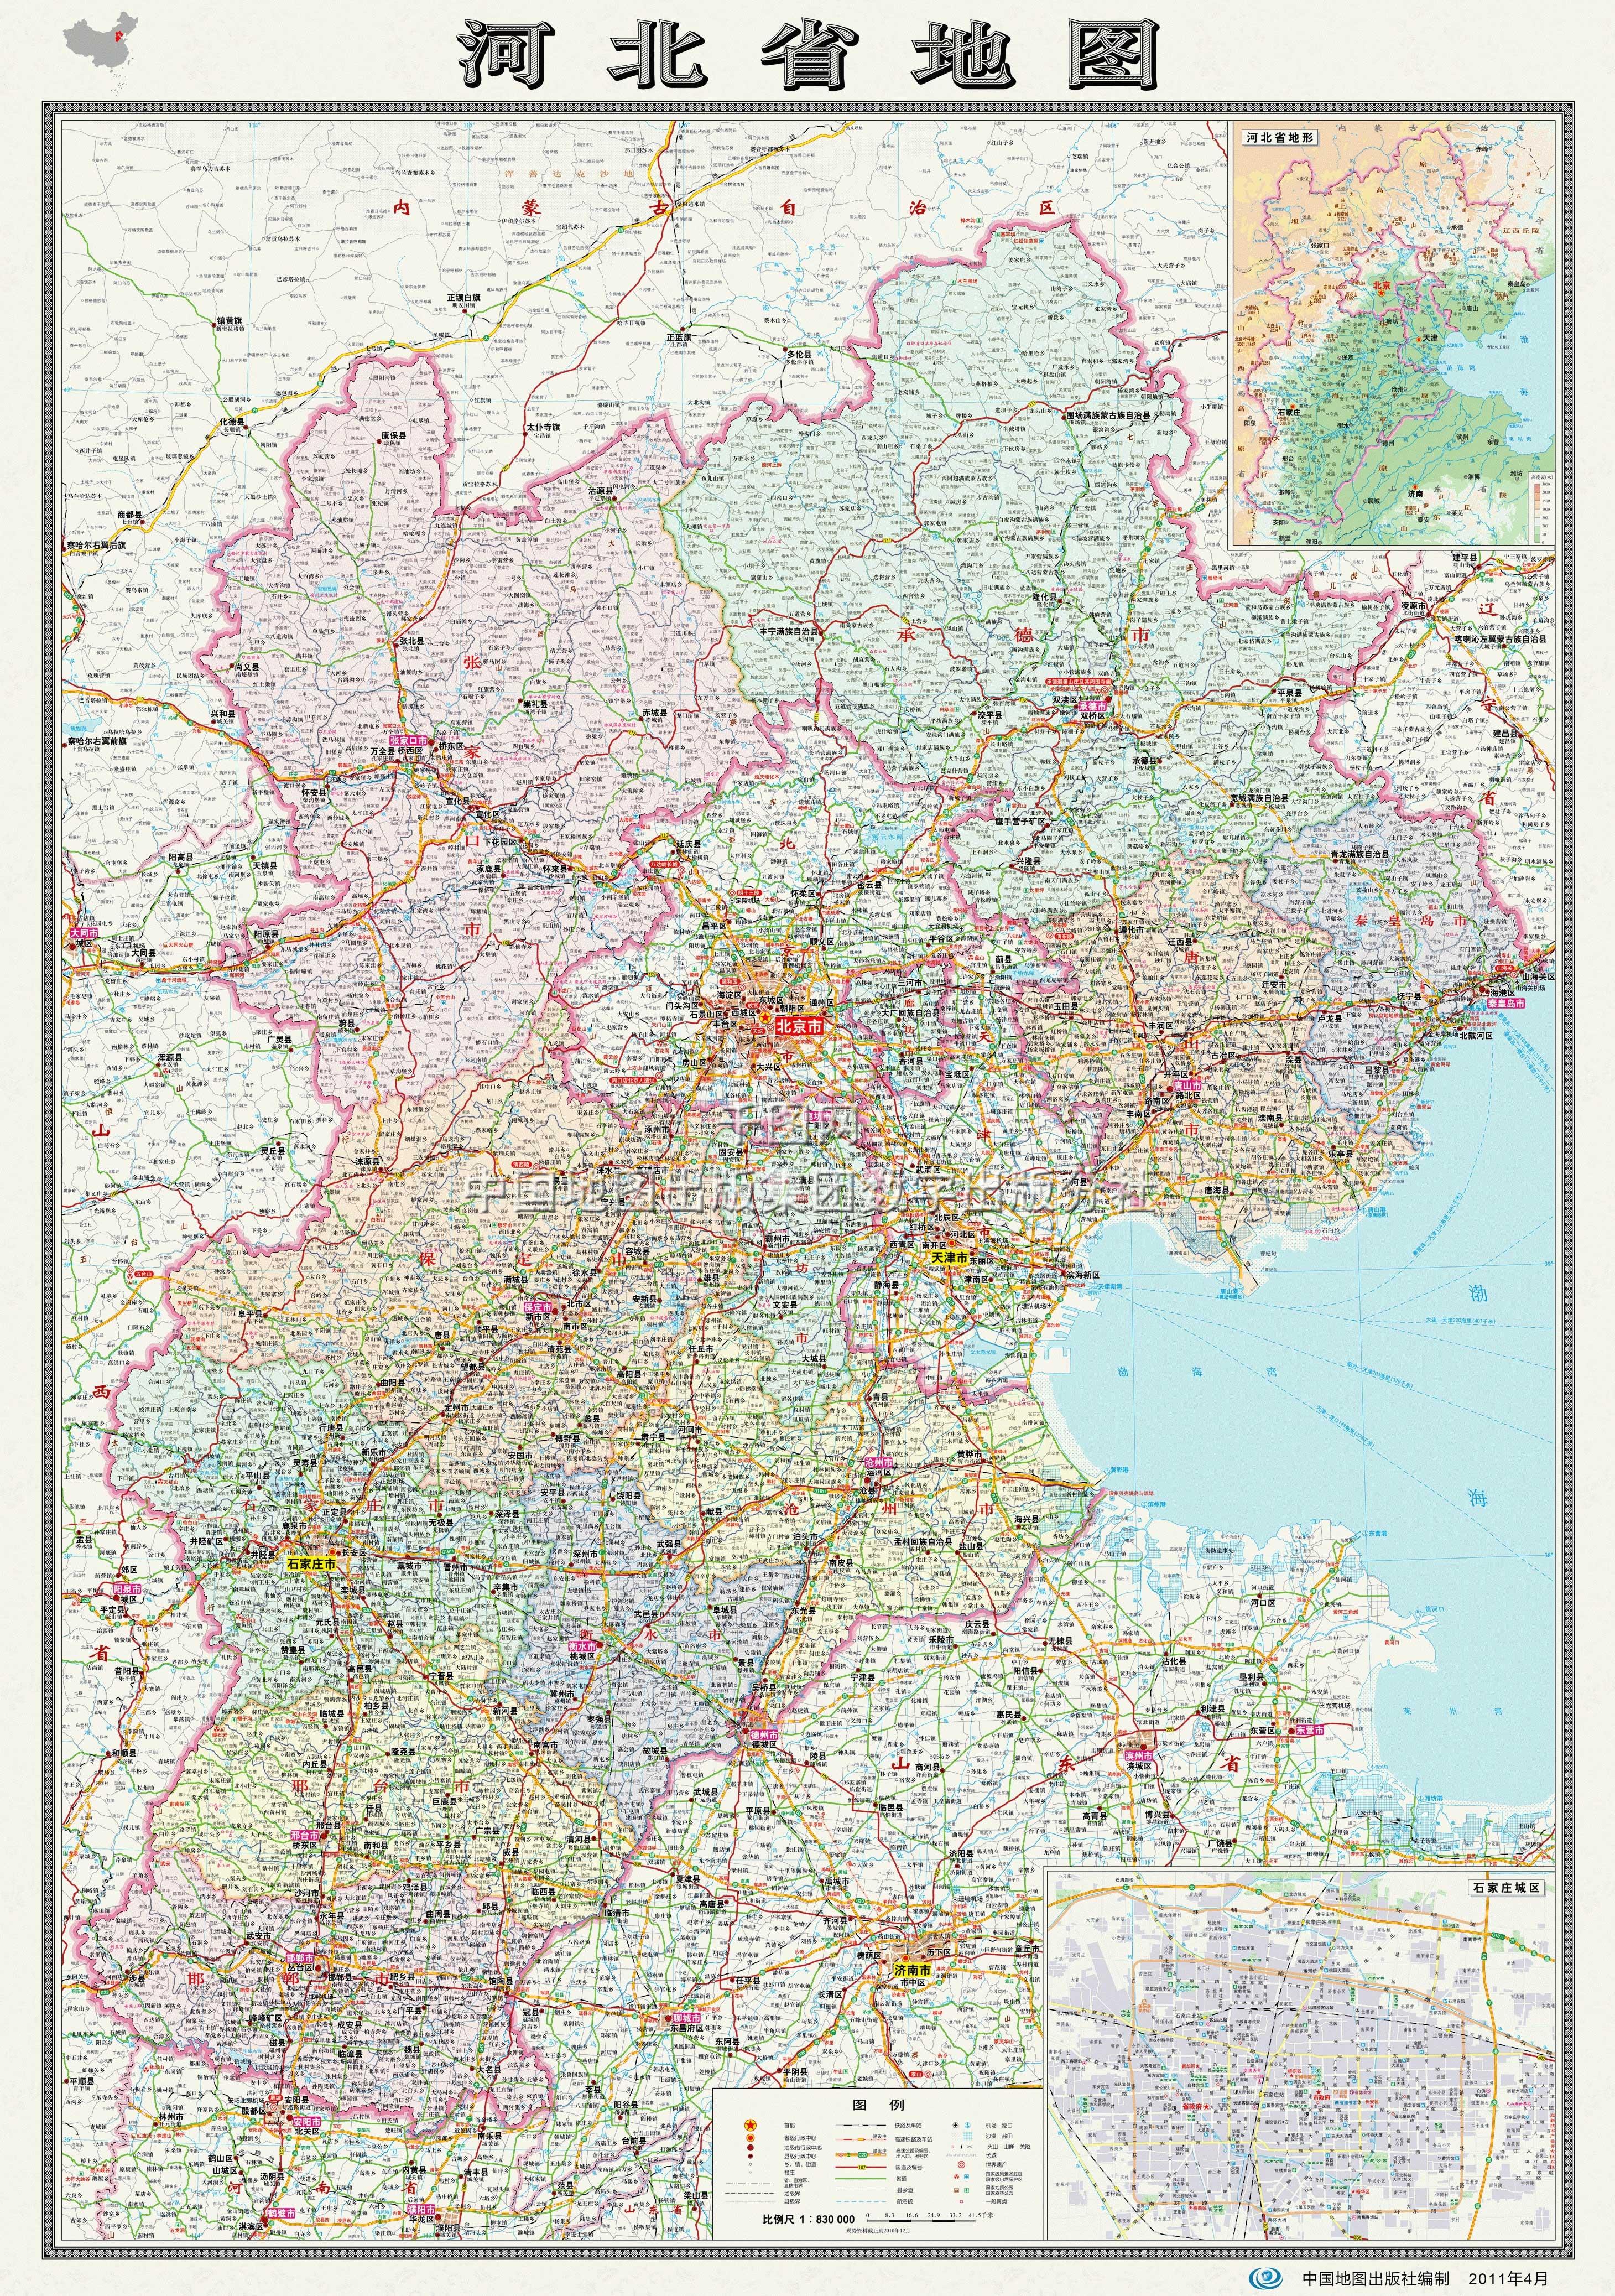 三河市电子地图图片-河北省地形图高清版